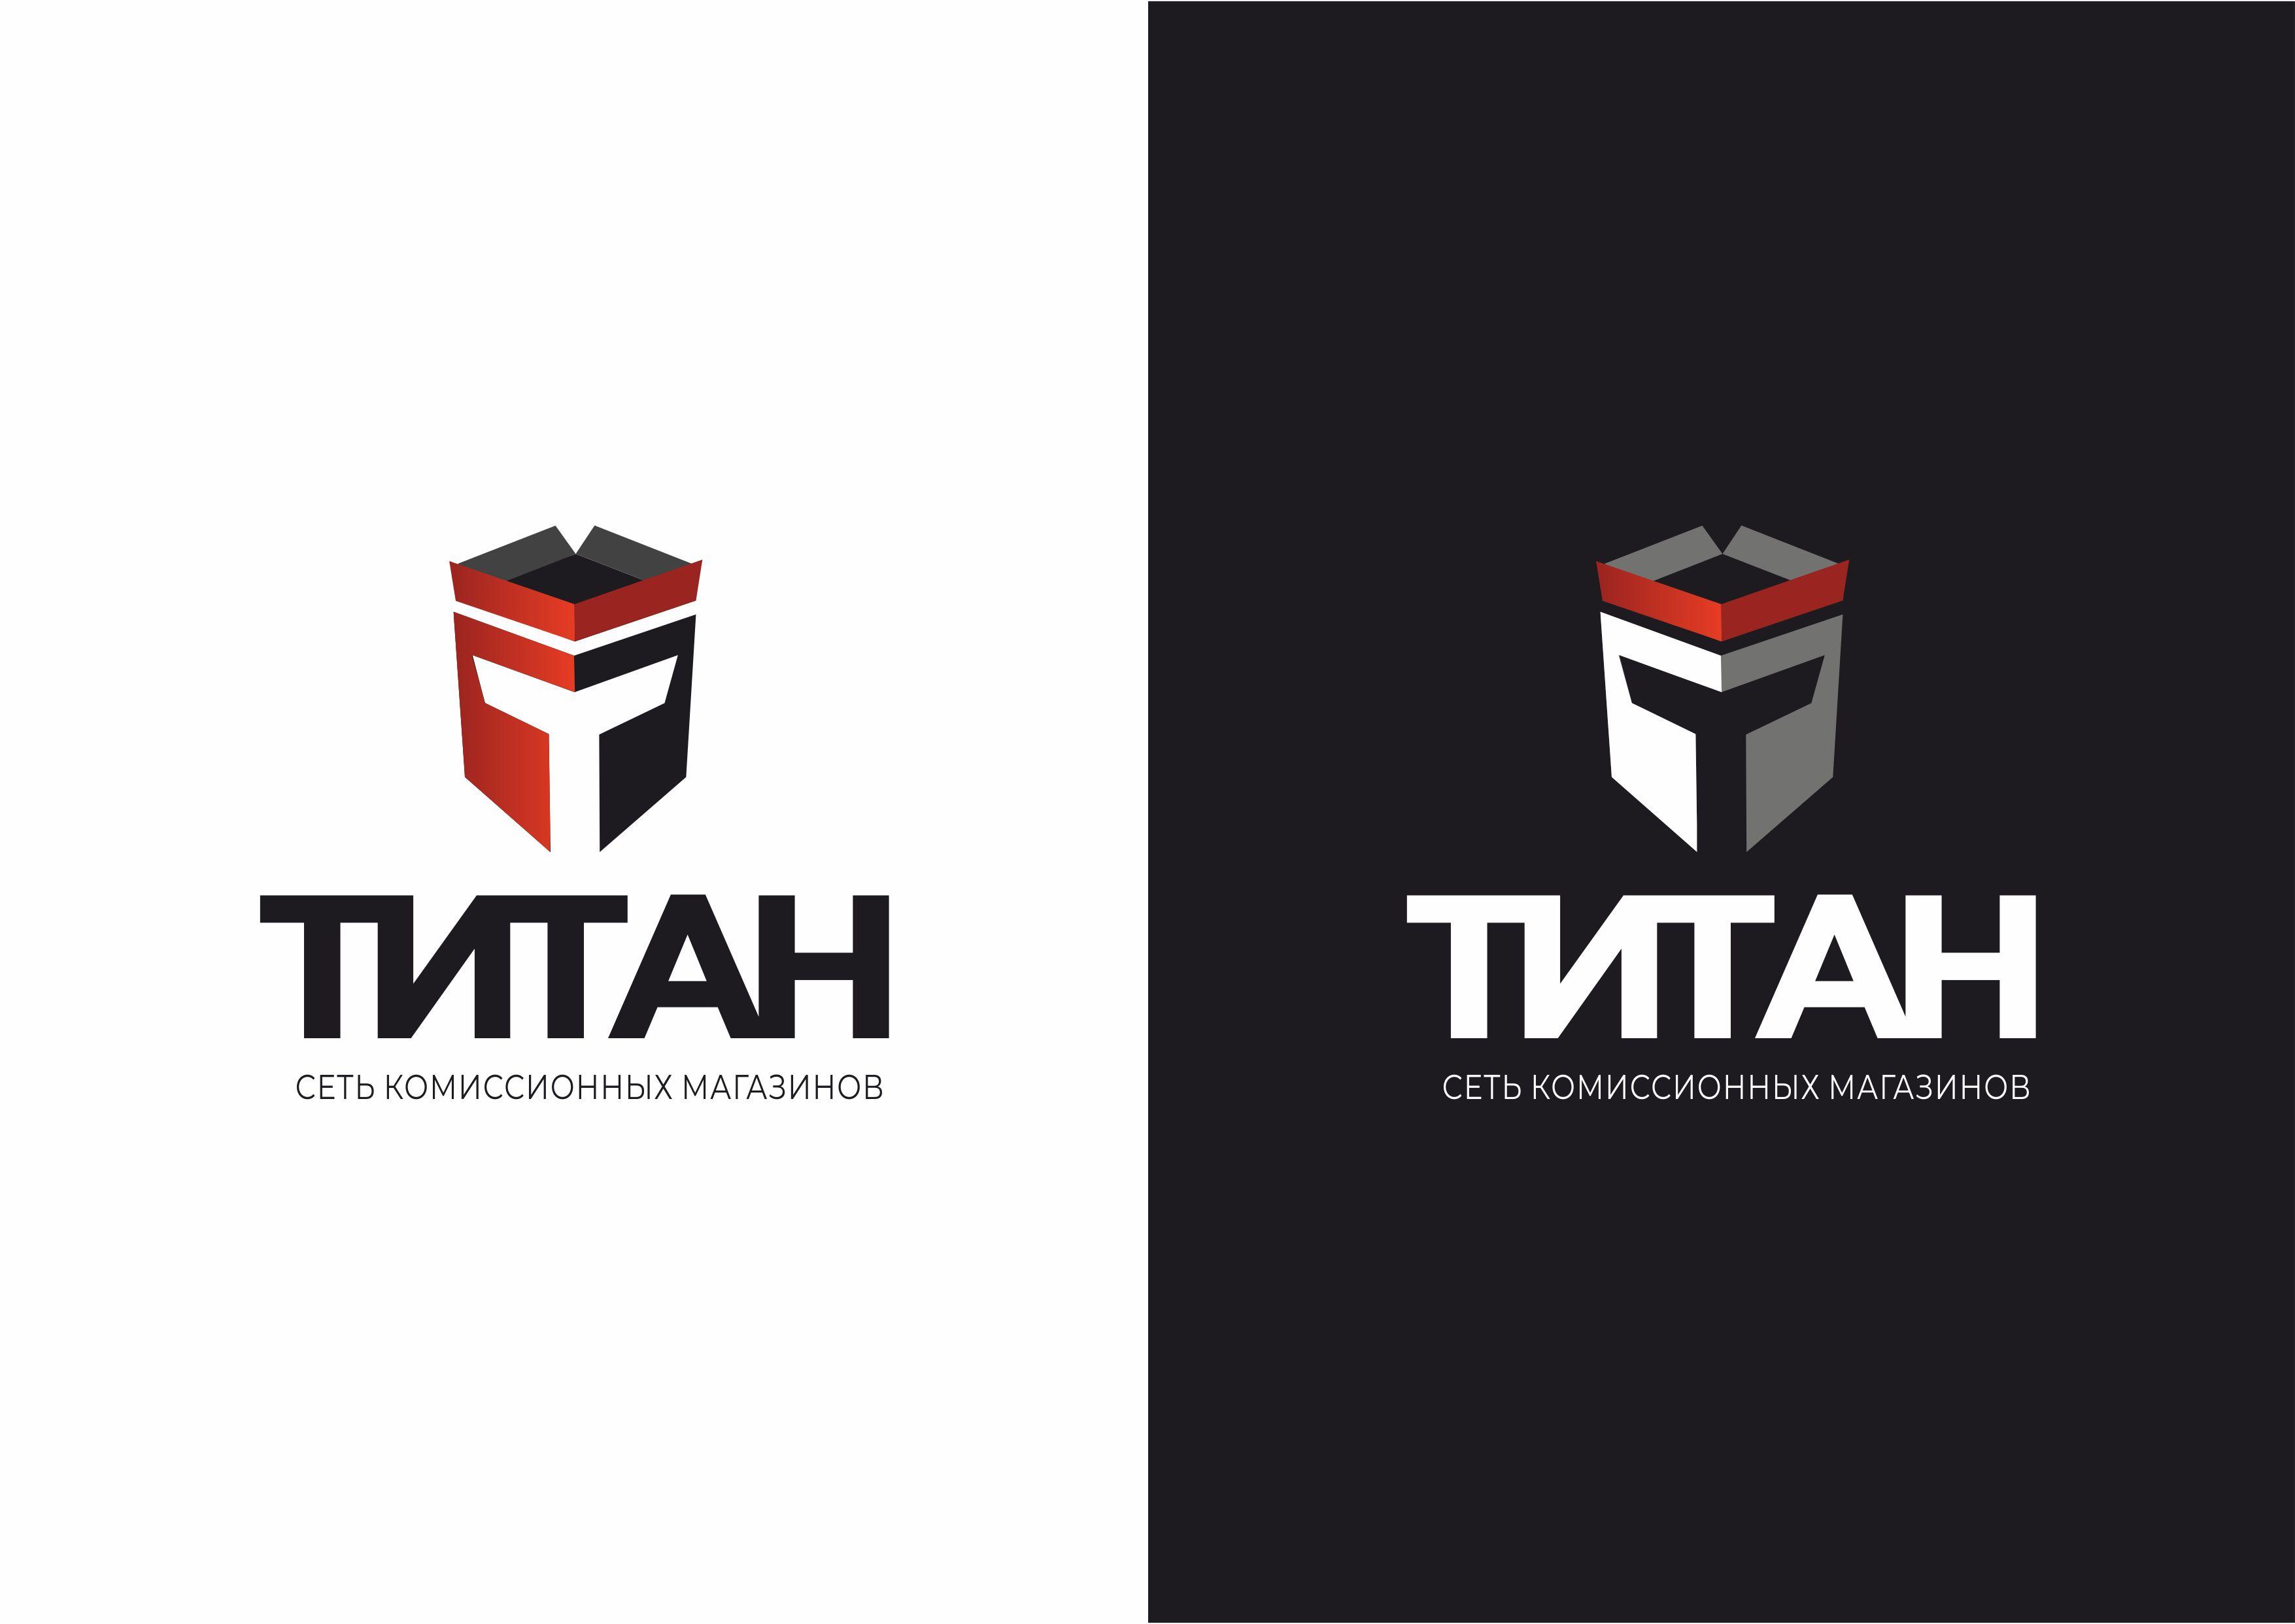 Разработка логотипа (срочно) фото f_4725d49fda804e29.jpg